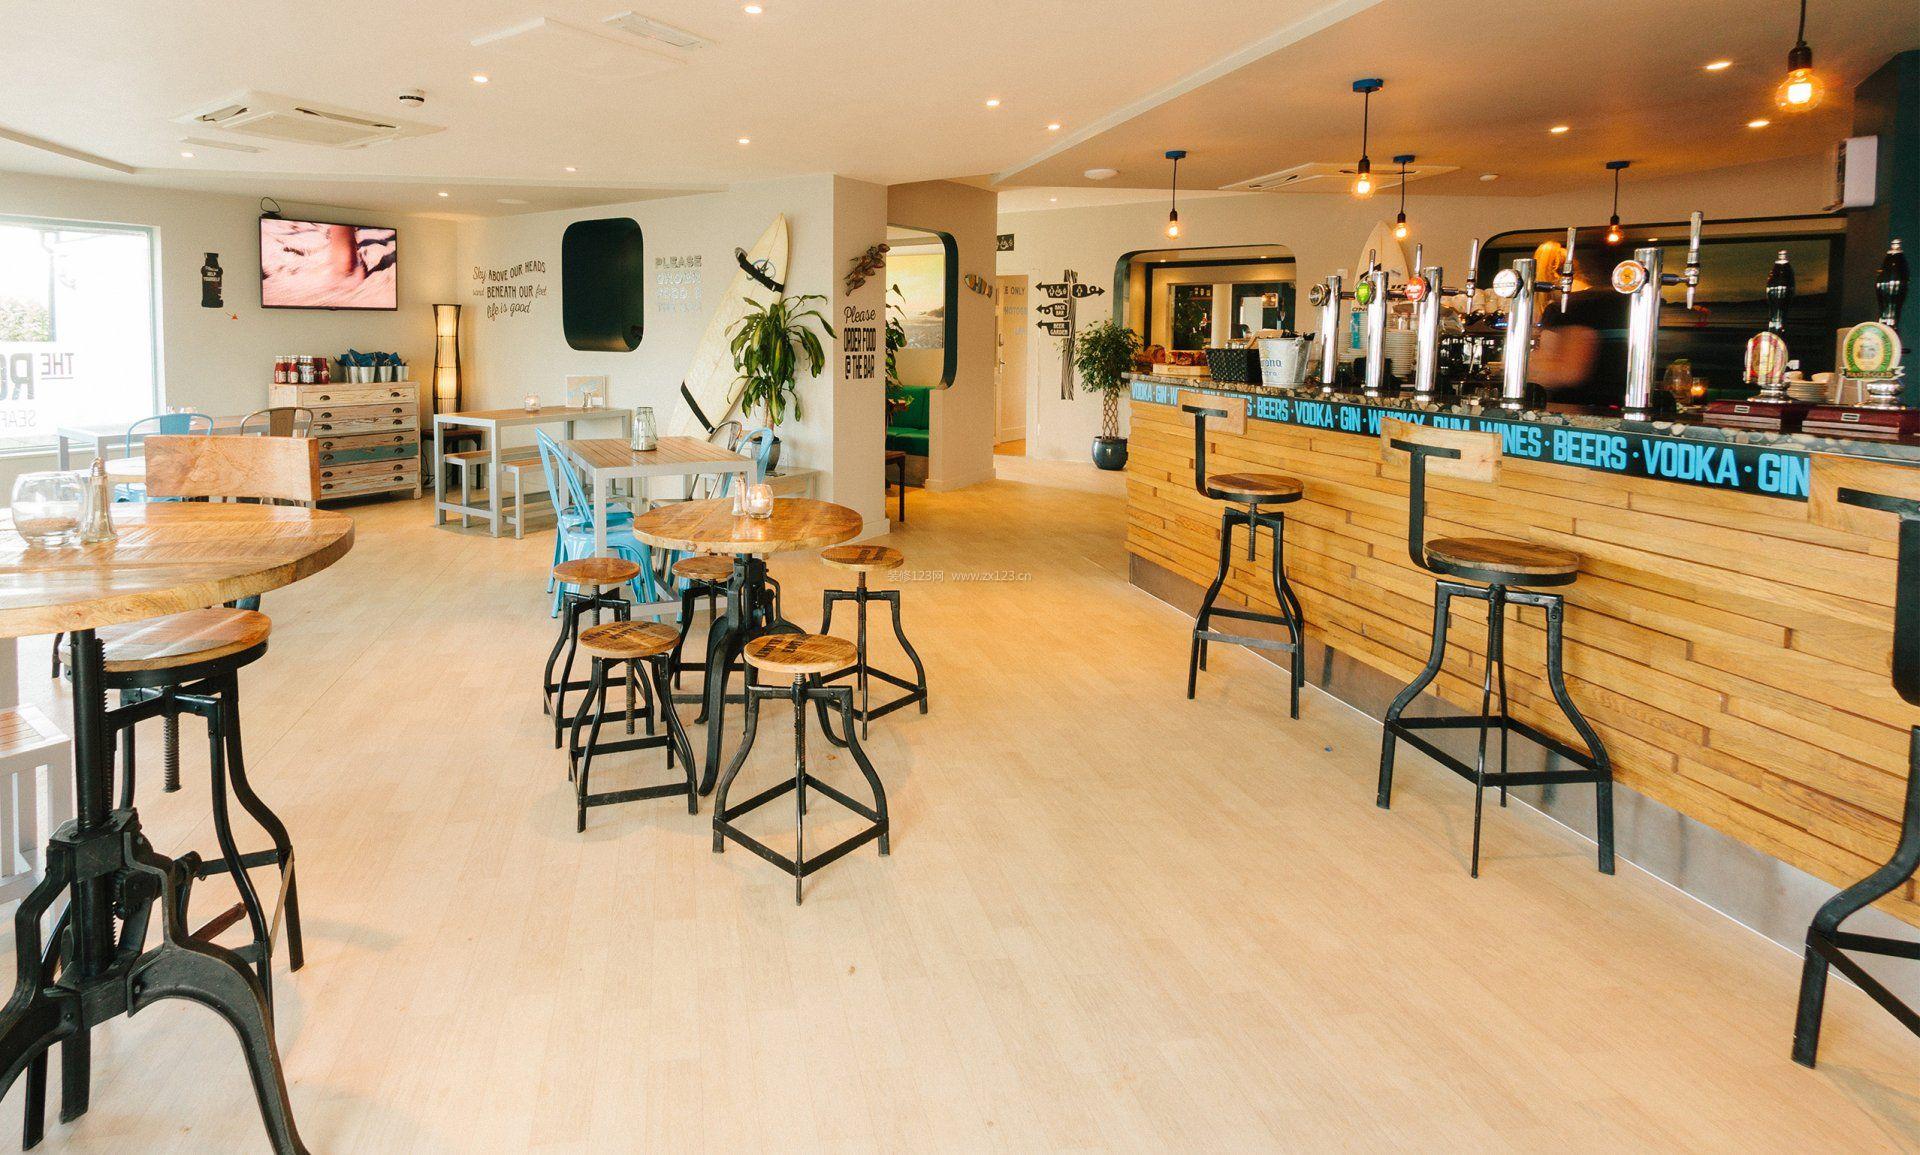 咖啡厅吧台设计图片大全